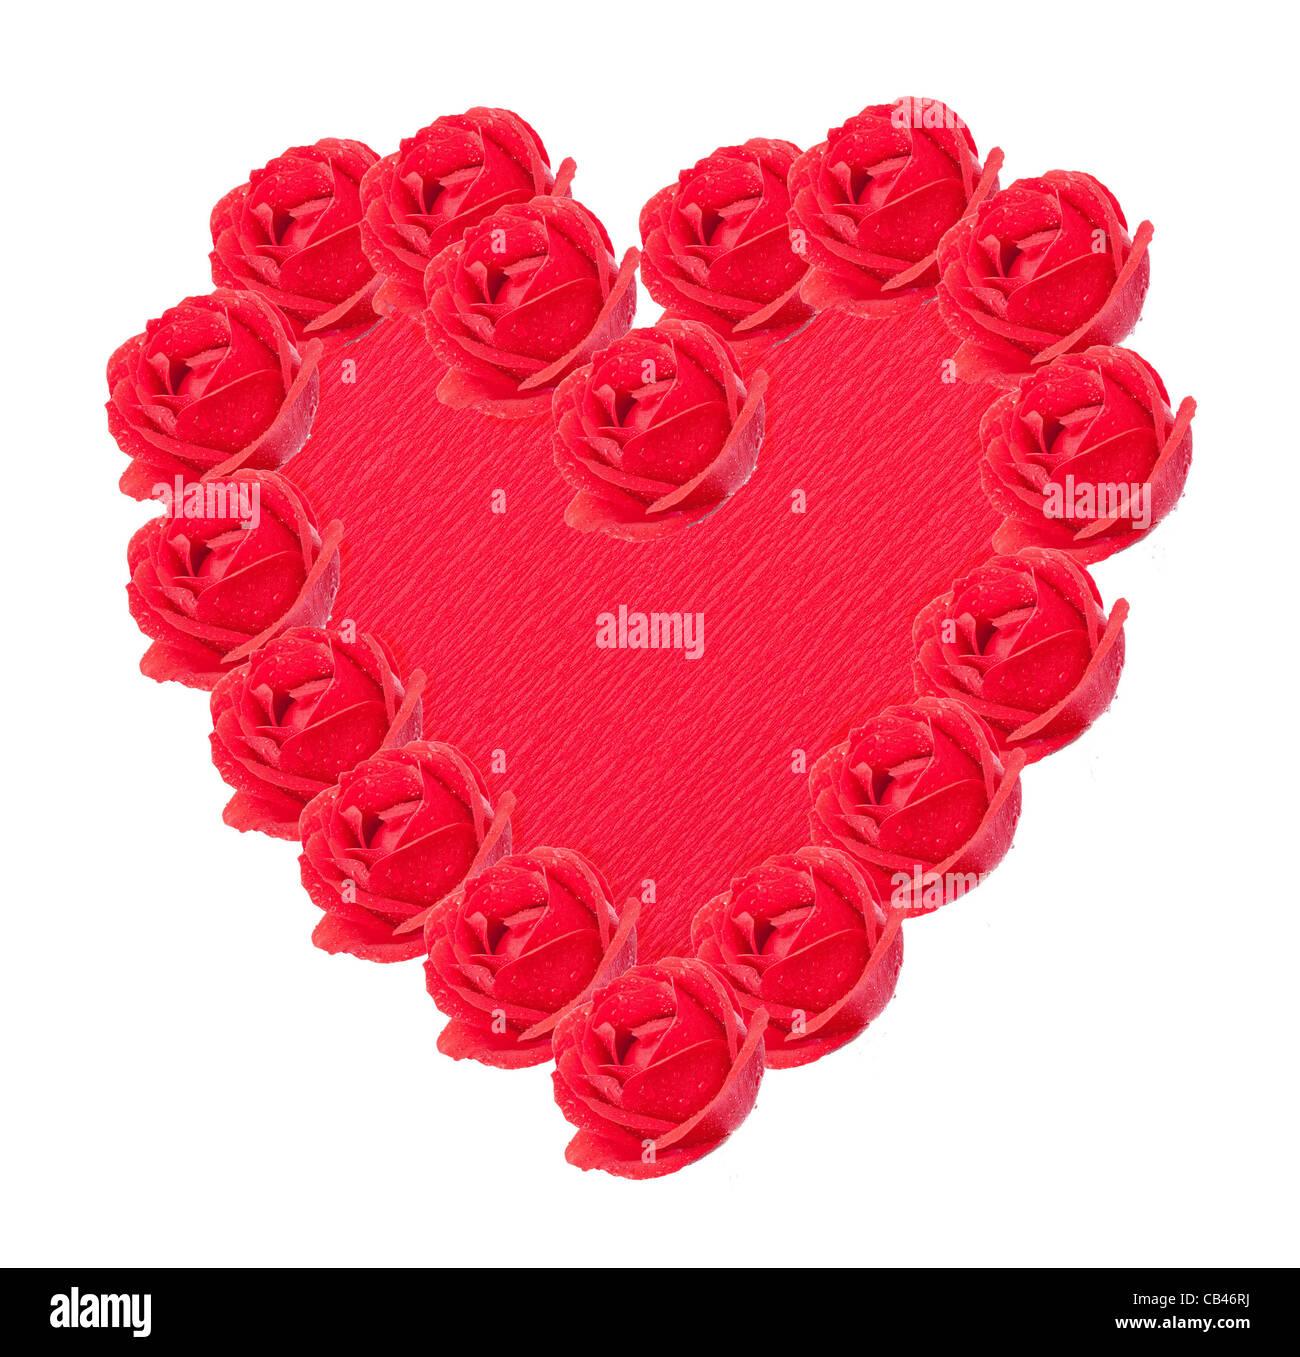 Rotes Herz mit Rosen Stockbild